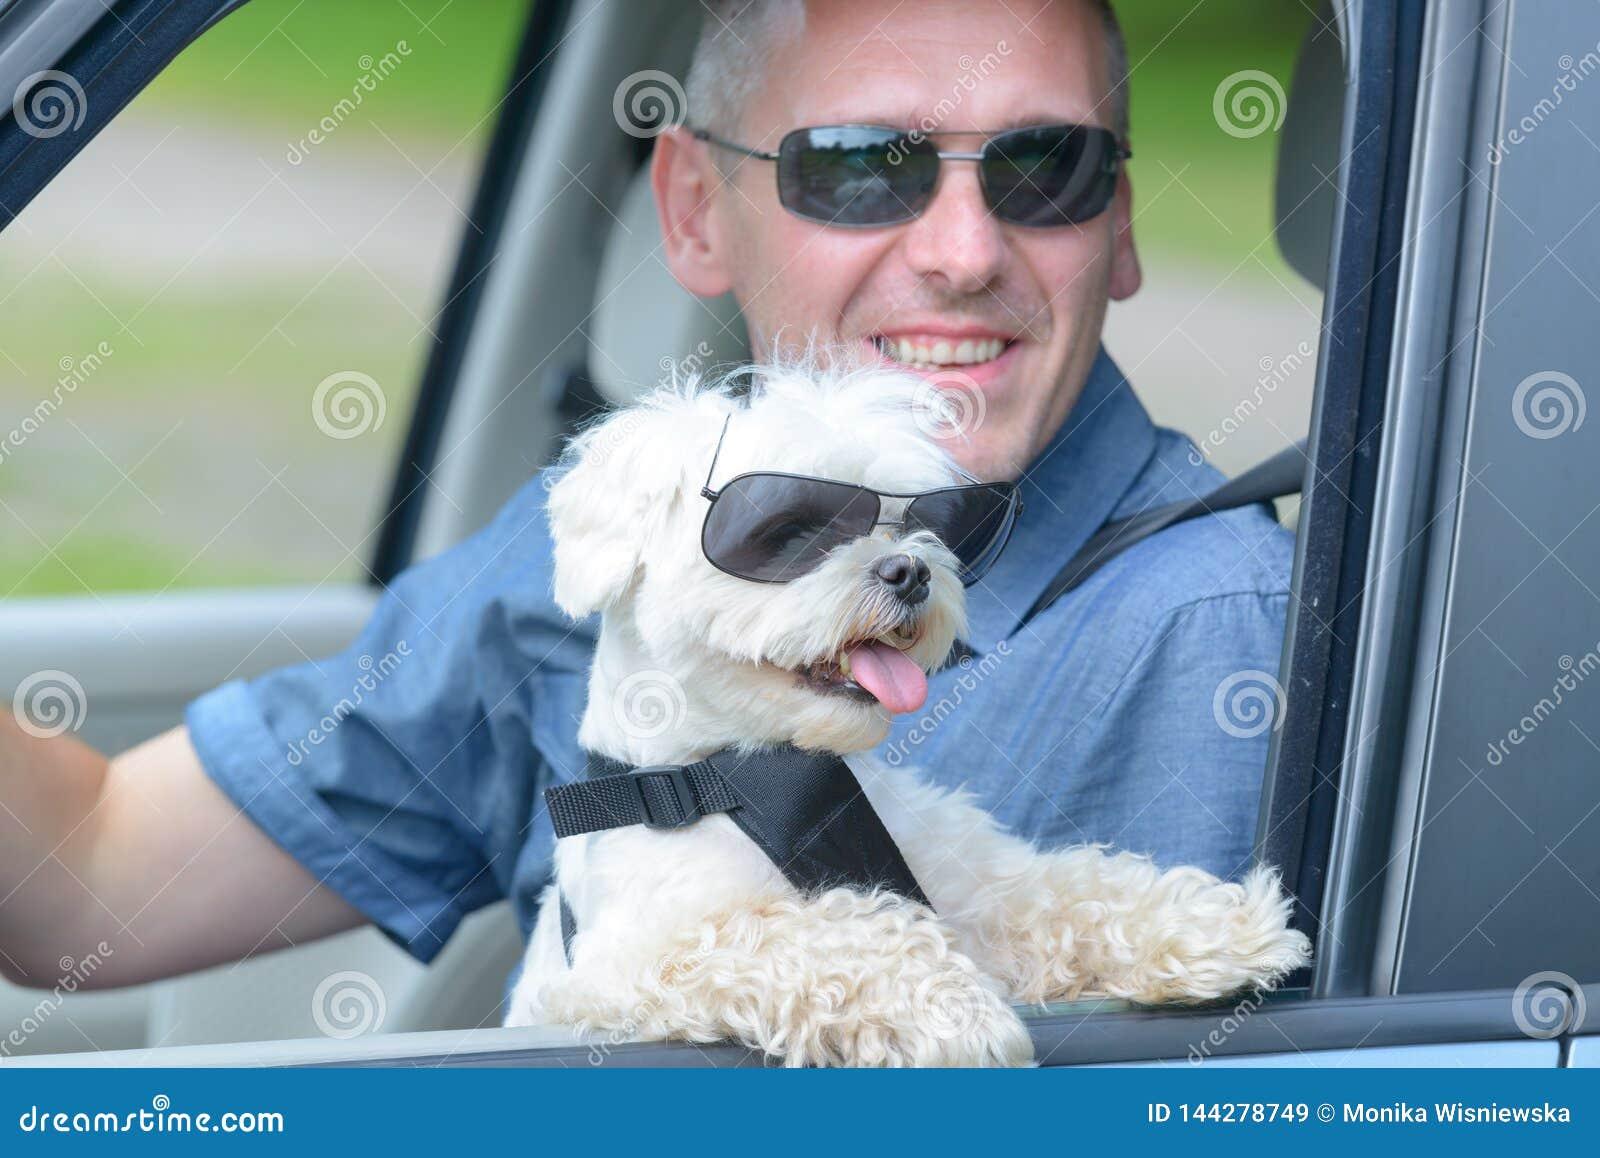 Hond en zijn eigenaar die in een auto reizen